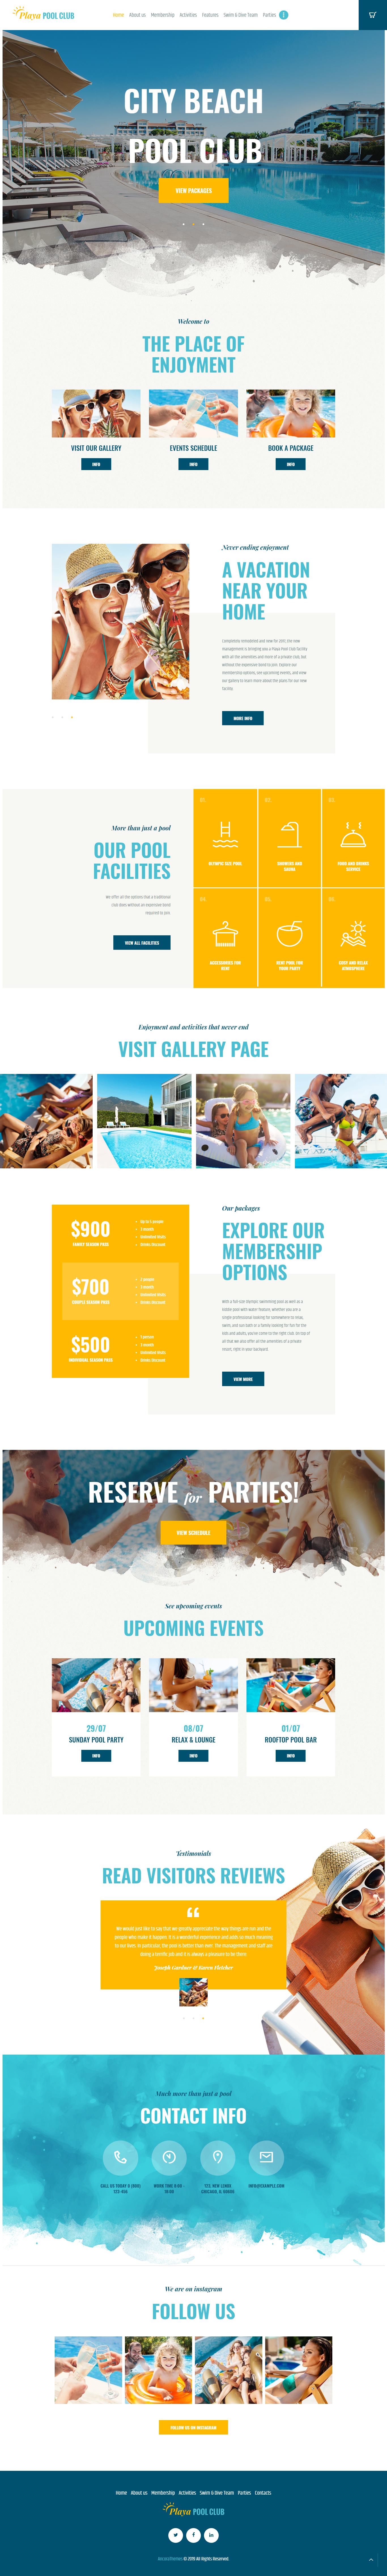 Playa - Best Premium Outdoor Activities WordPress Theme